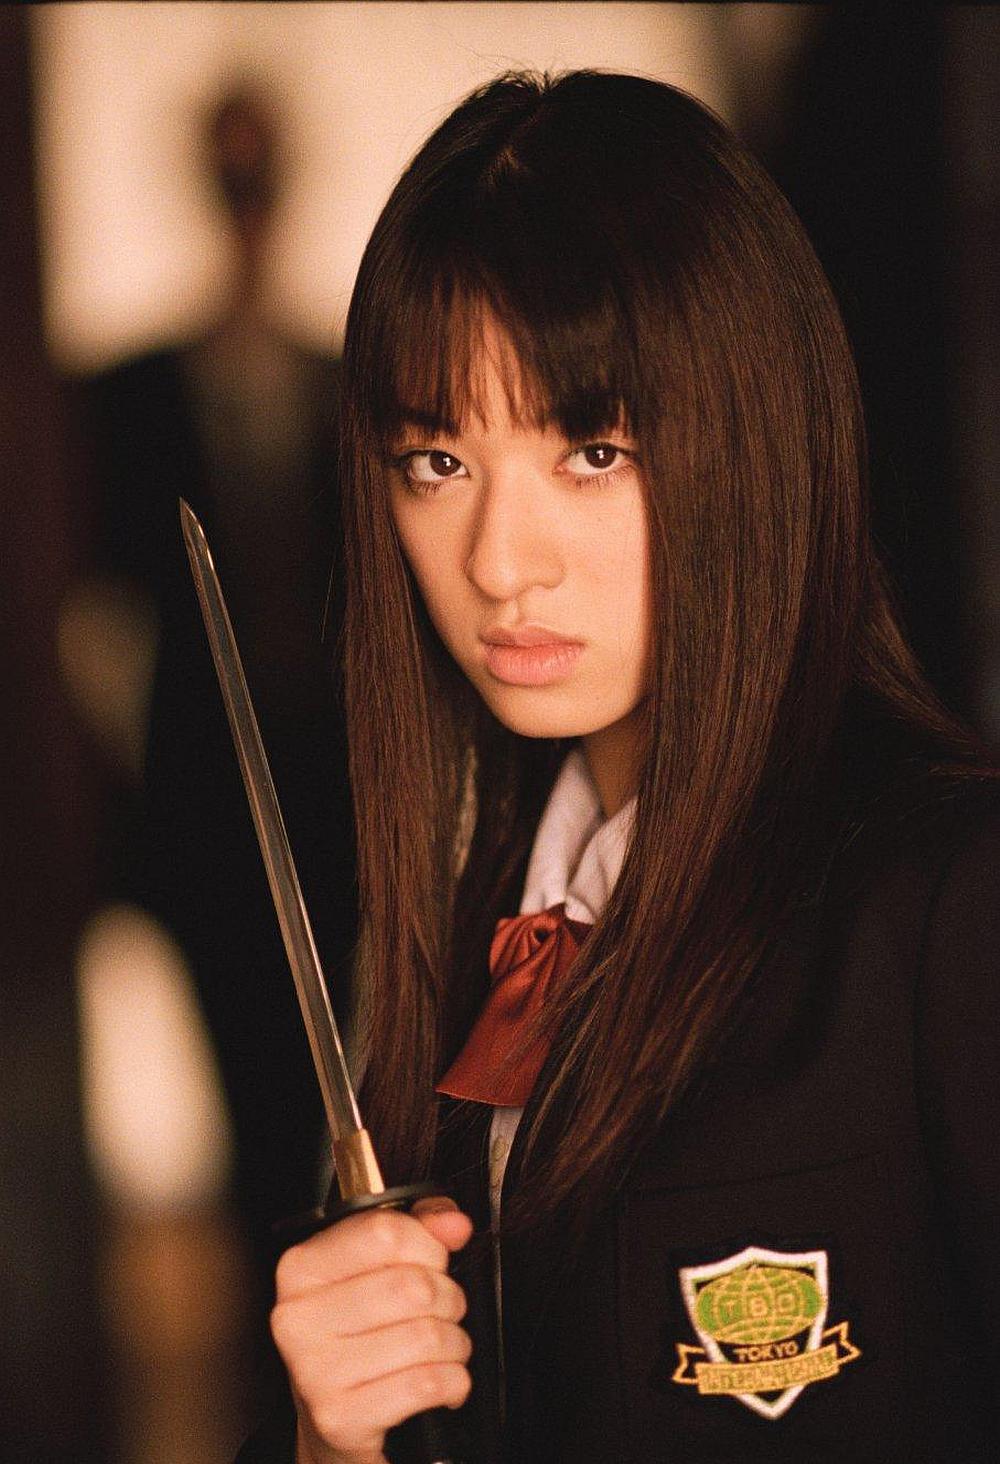 凶狠的少女杀手栗山千明勇于挑战一路成长为成熟独立的御姐 (6)